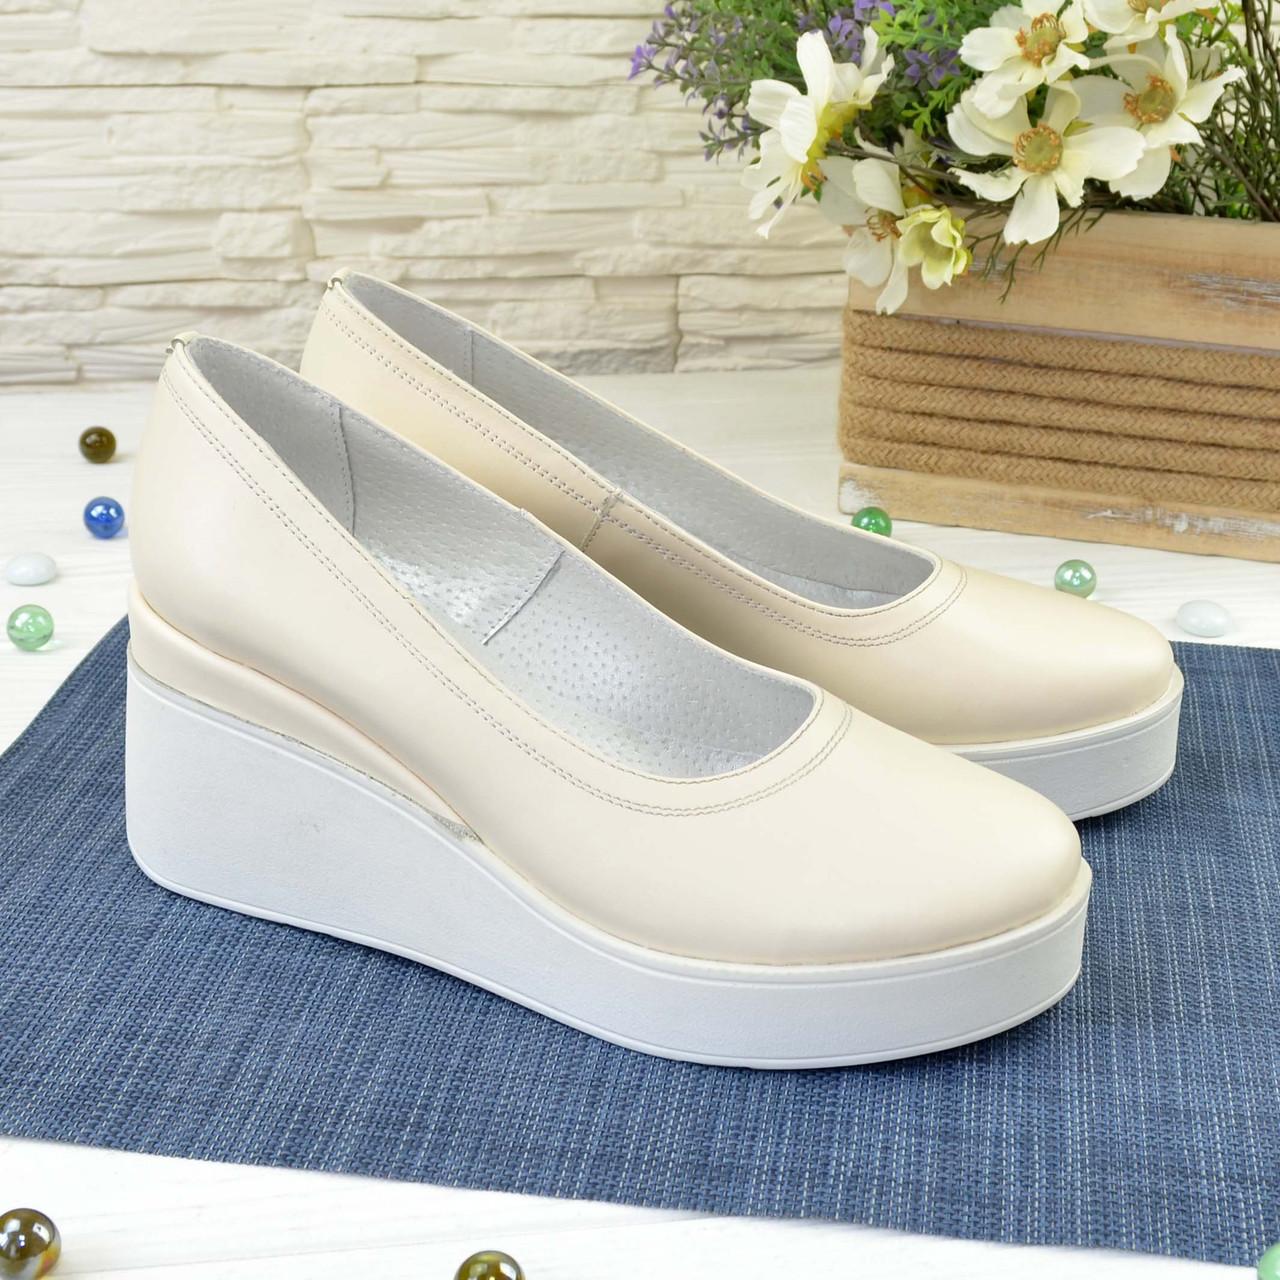 Женские туфли на высокой платформе, из натуральной кожи бежевого цвета